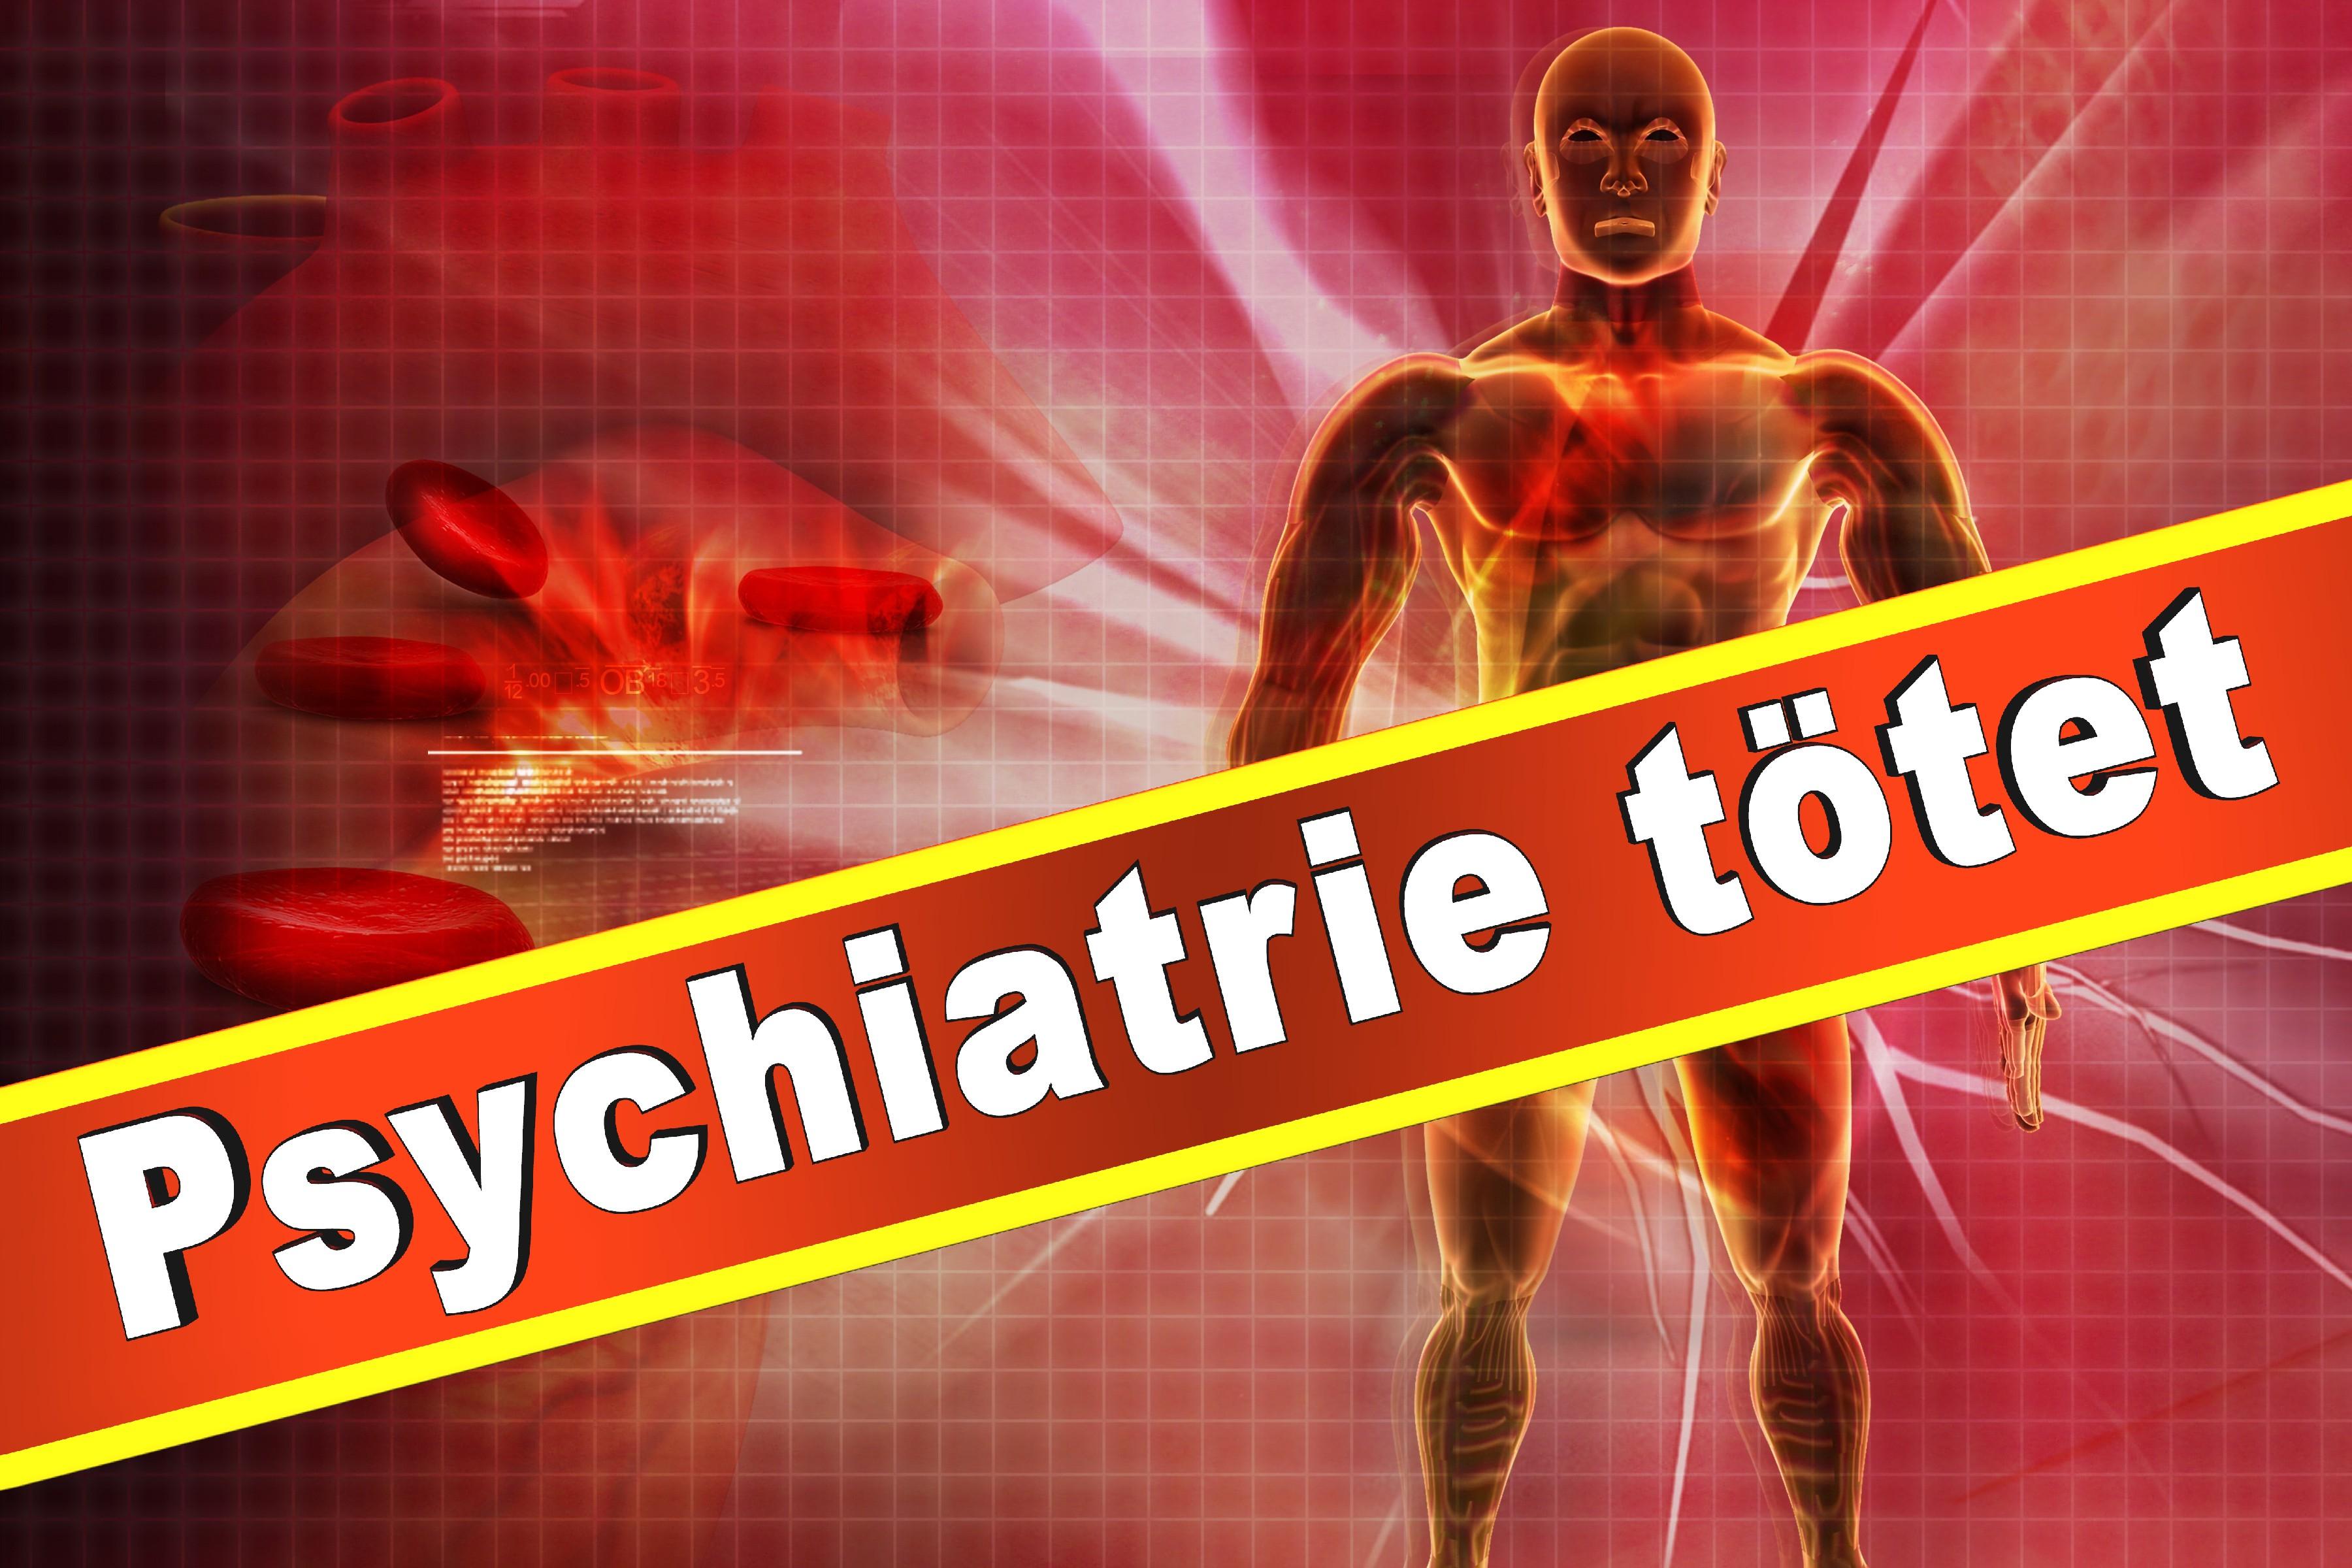 Carl Ernst Von Schönfeld Tagesklinik Medikamente Psychiatrie Tod Bethel Psychiater Korruption Gift Zwangspsychiatrie Unterbringung Friedhof Adolf Hitler Euthanasie (13)